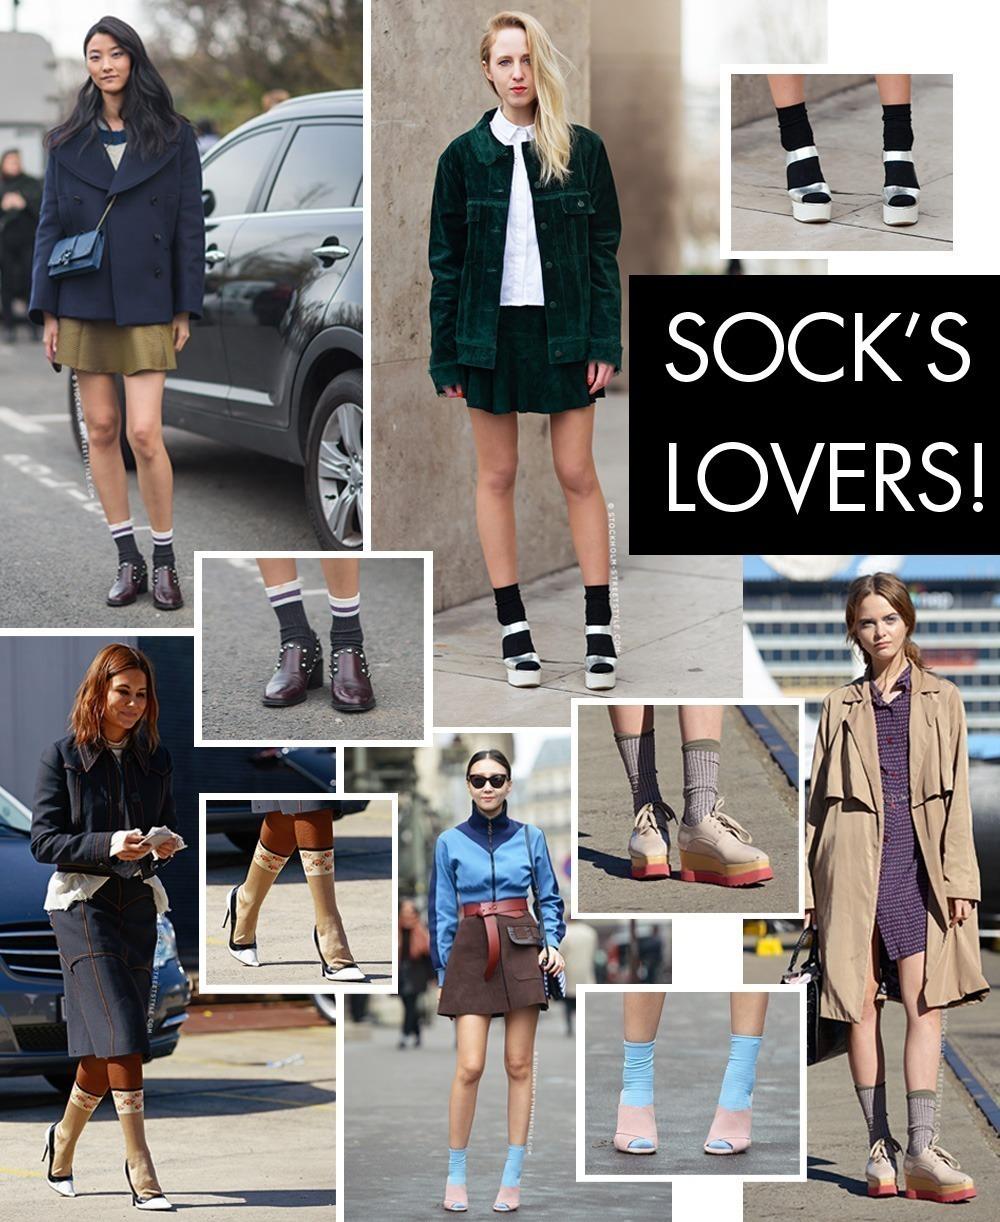 socks-lovers1 copy